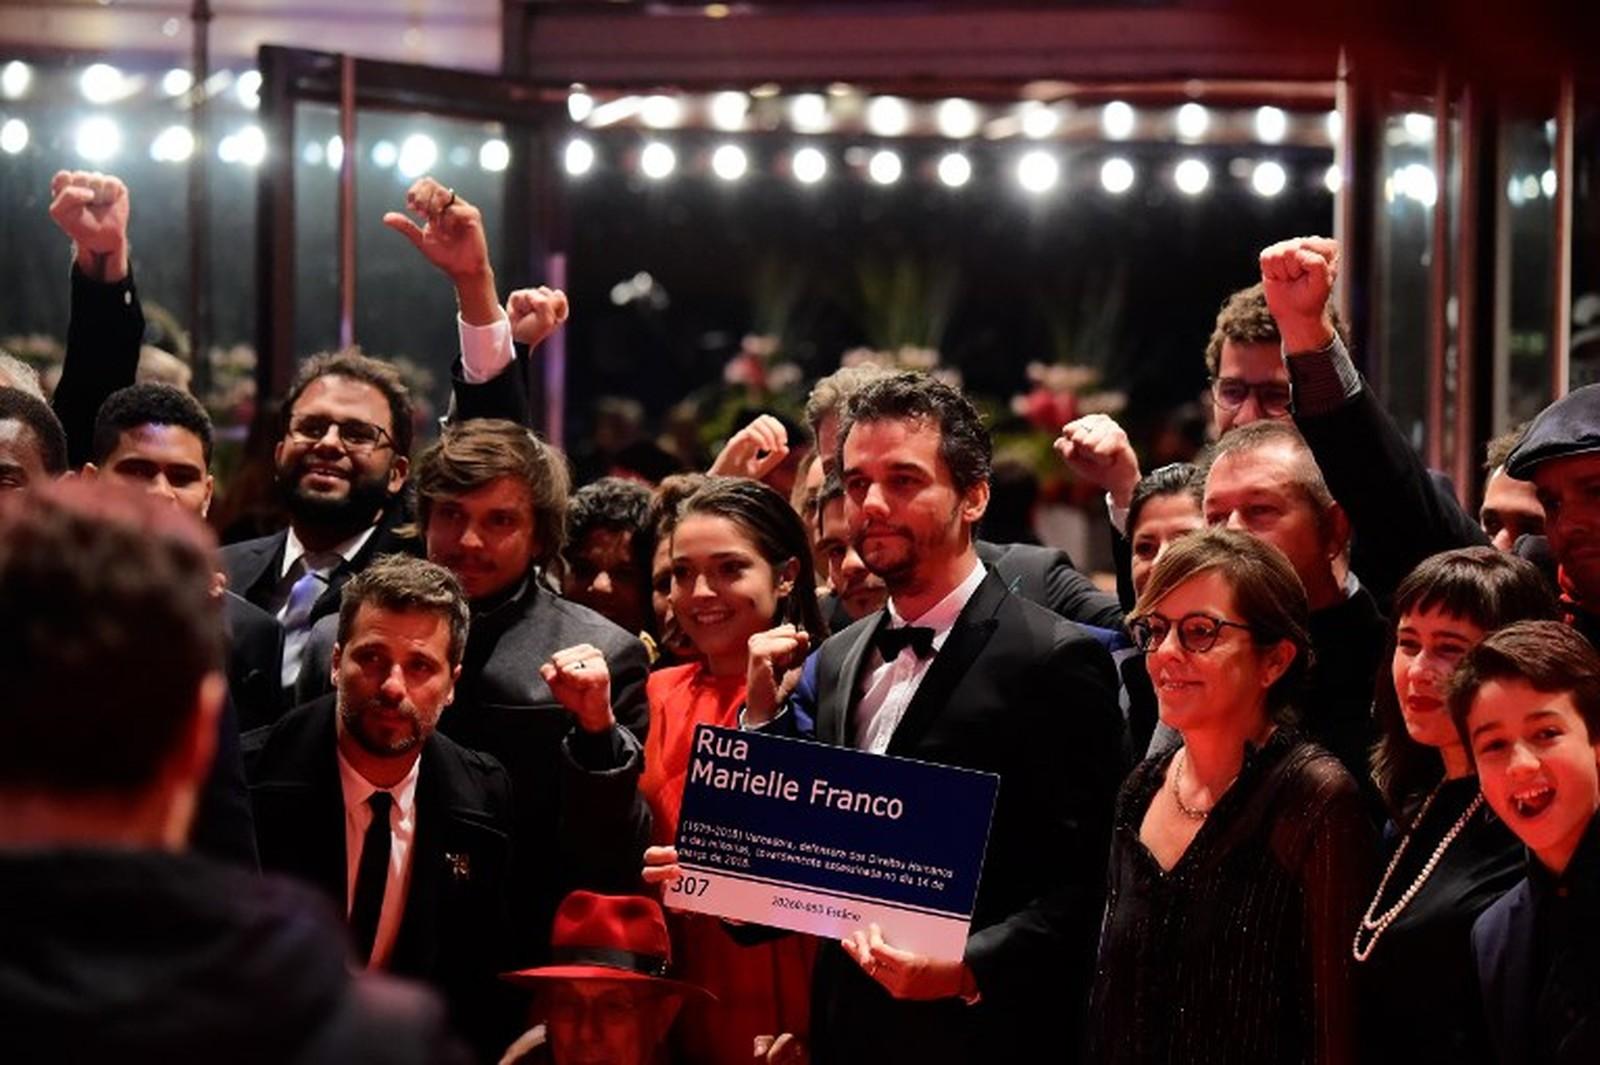 Entre aplausos e ataques: filme sobre Marighella é destaque em Berlim, mas divide opiniões no Brasil